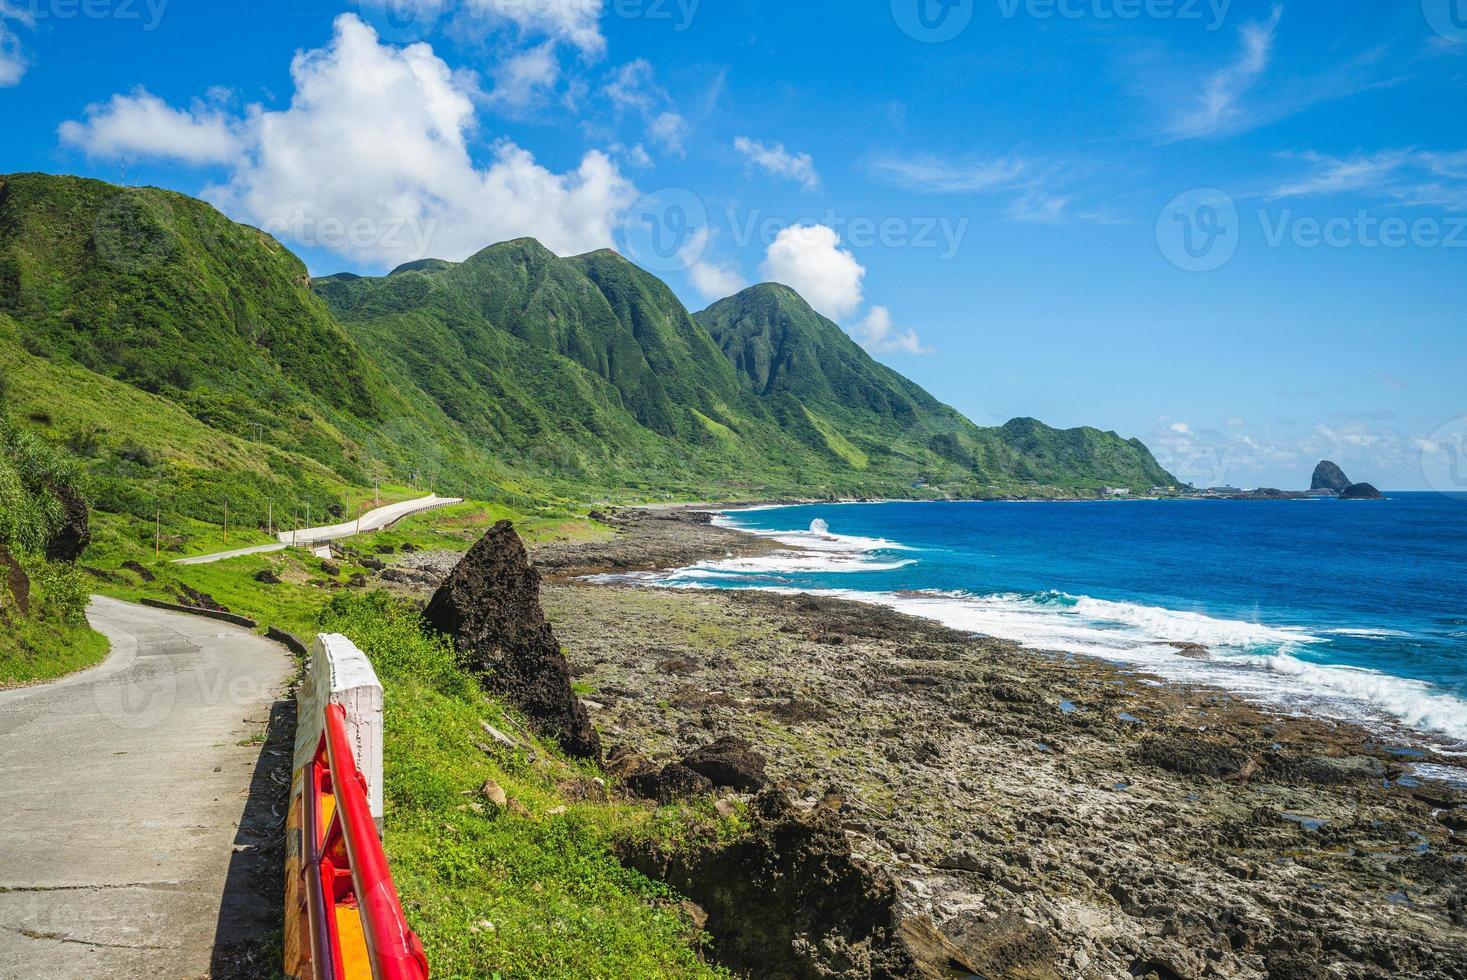 cenário da costa lanyu na ilha das orquídeas, taitung, taiwan foto